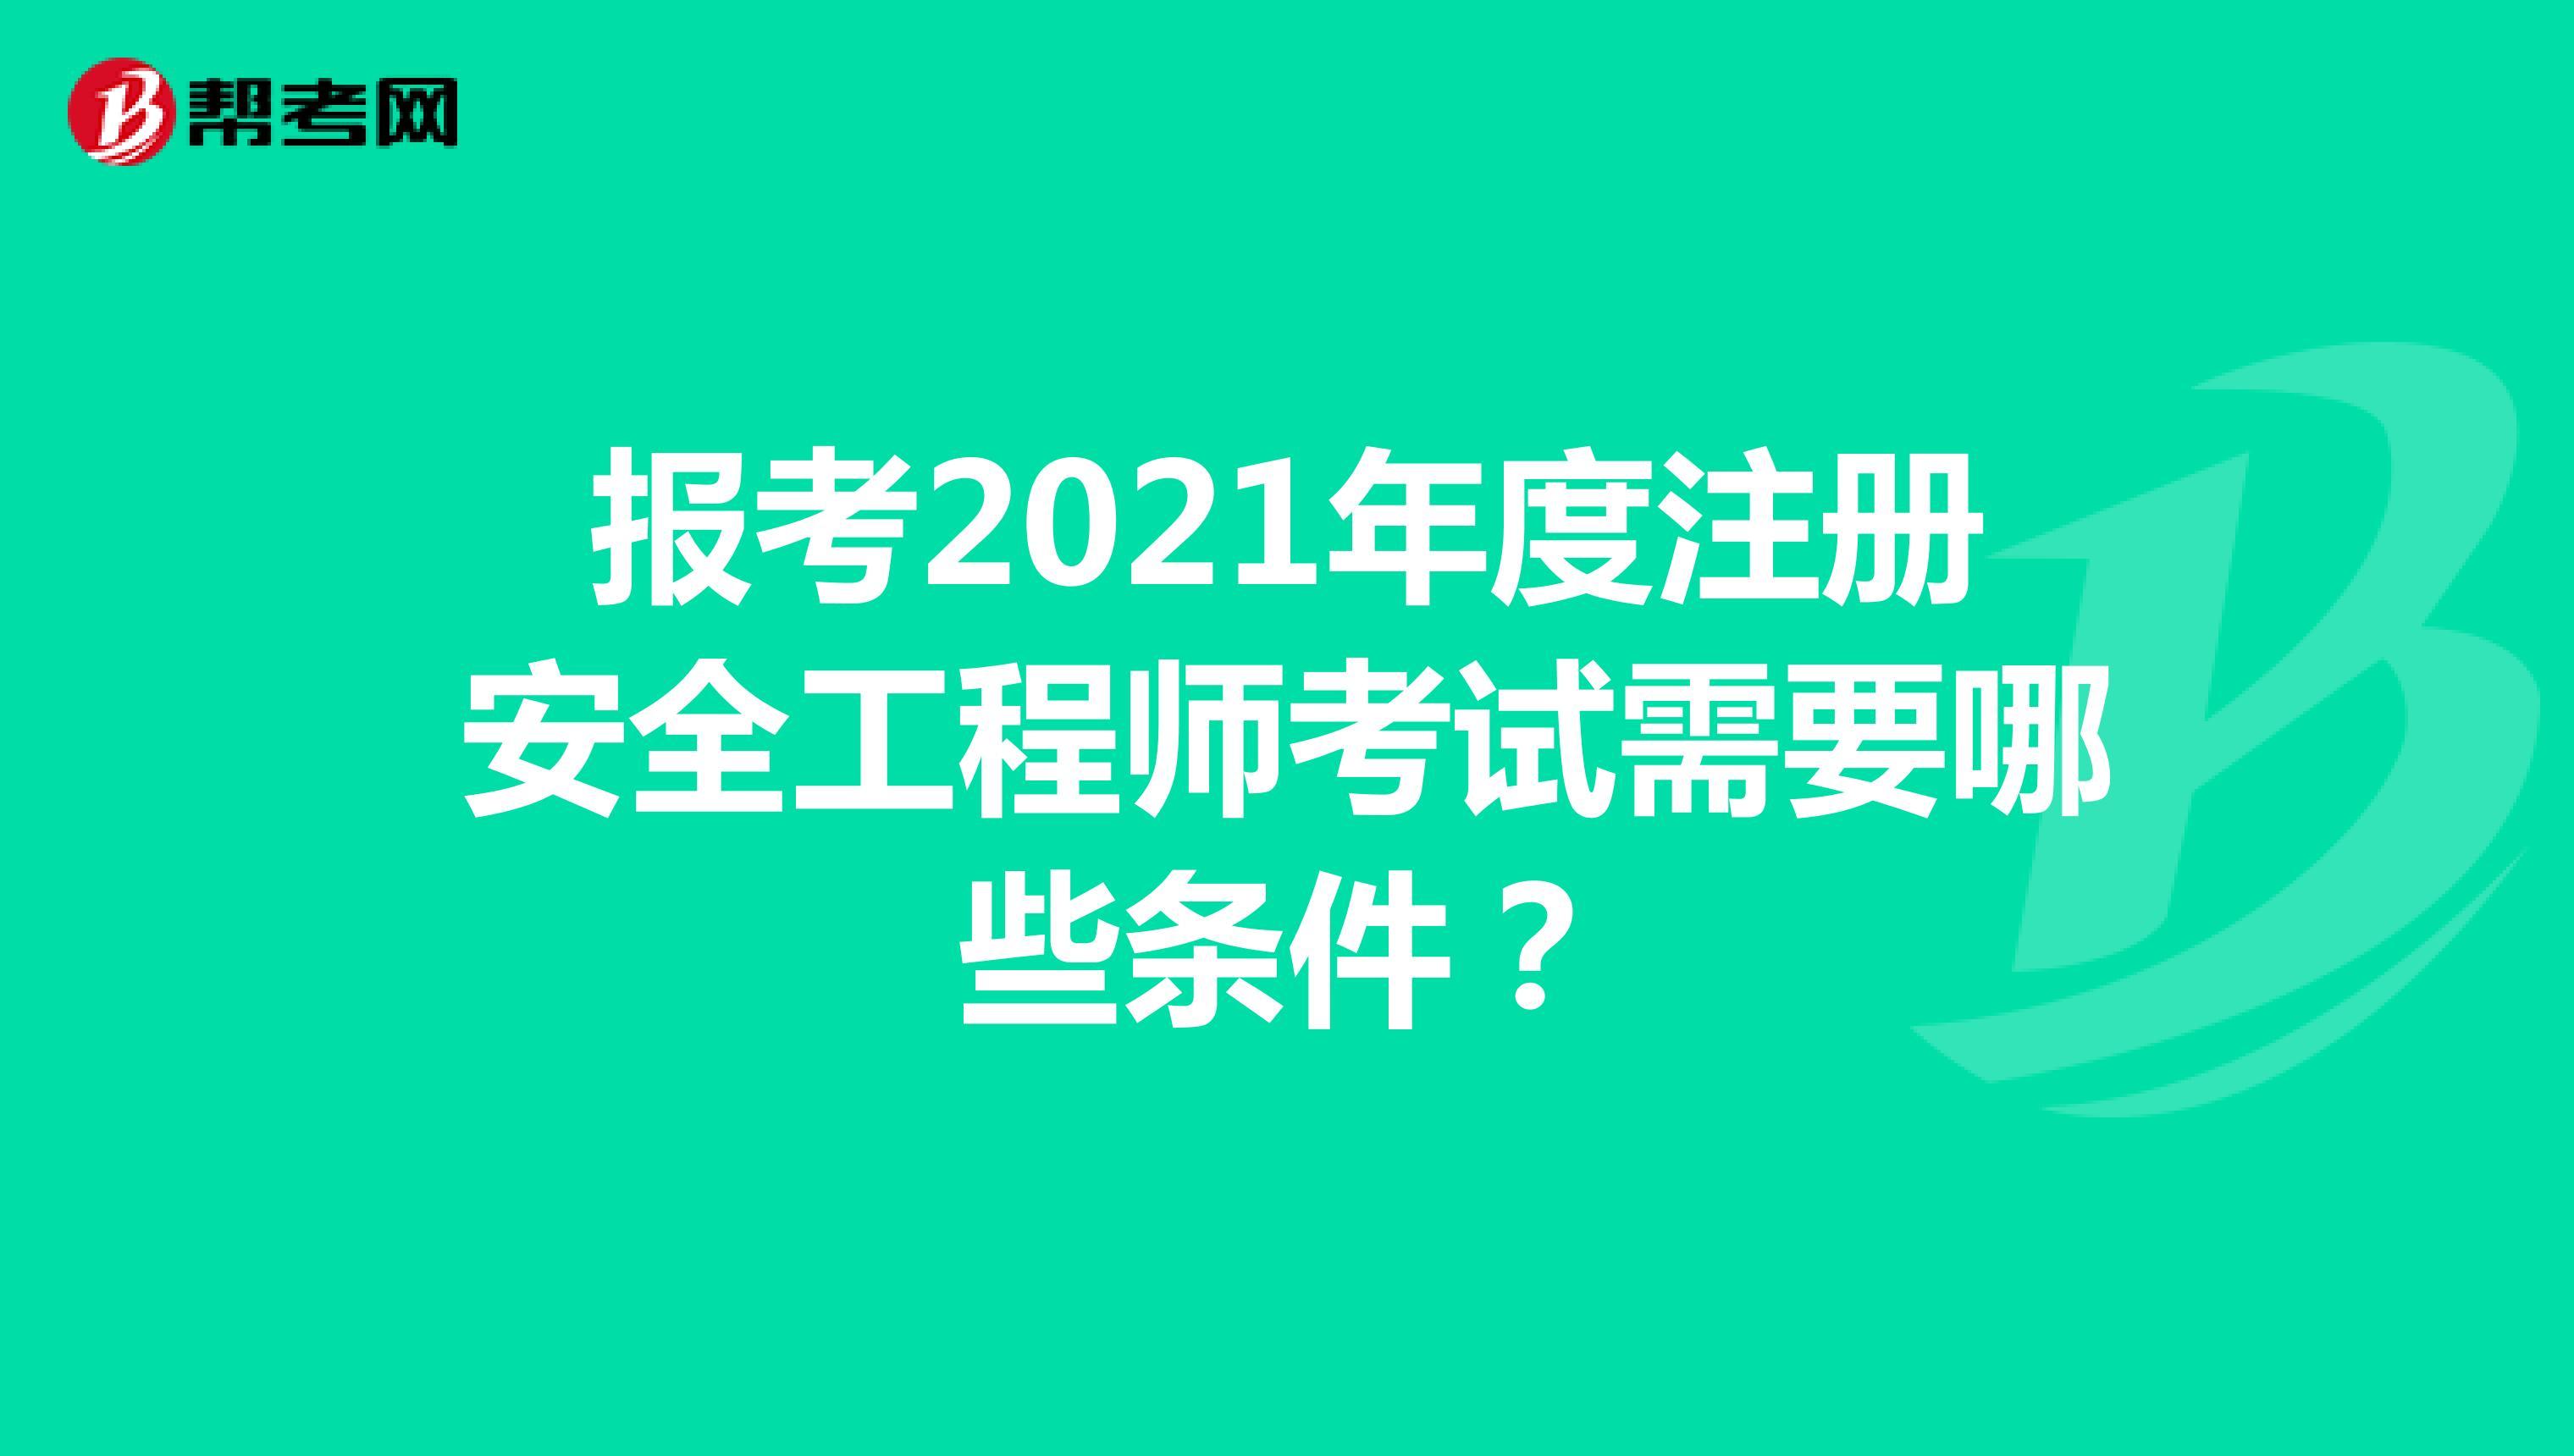 报考2021年度注册安全工程师考试需要哪些条件?